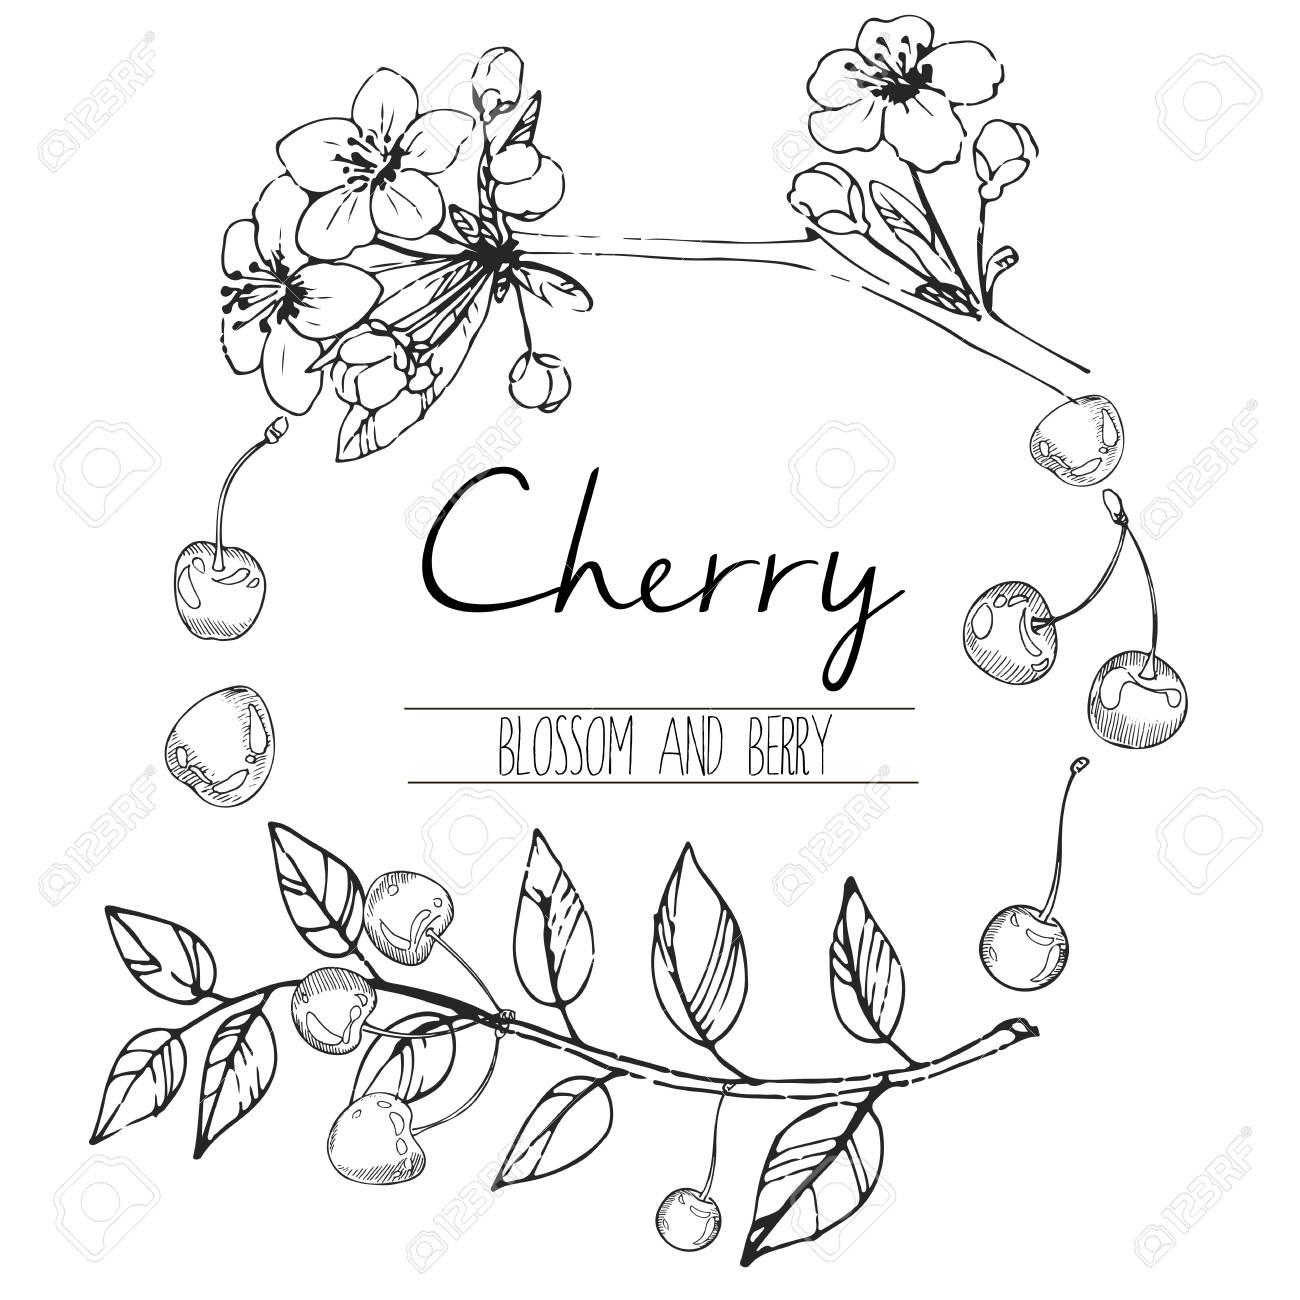 Vector Illustration Ronde De Fleurs De Cerisier Et De Baies Hand Drawn Art Noir Et Blanc Gravé Dans La Composition De La Frontière Ronde La